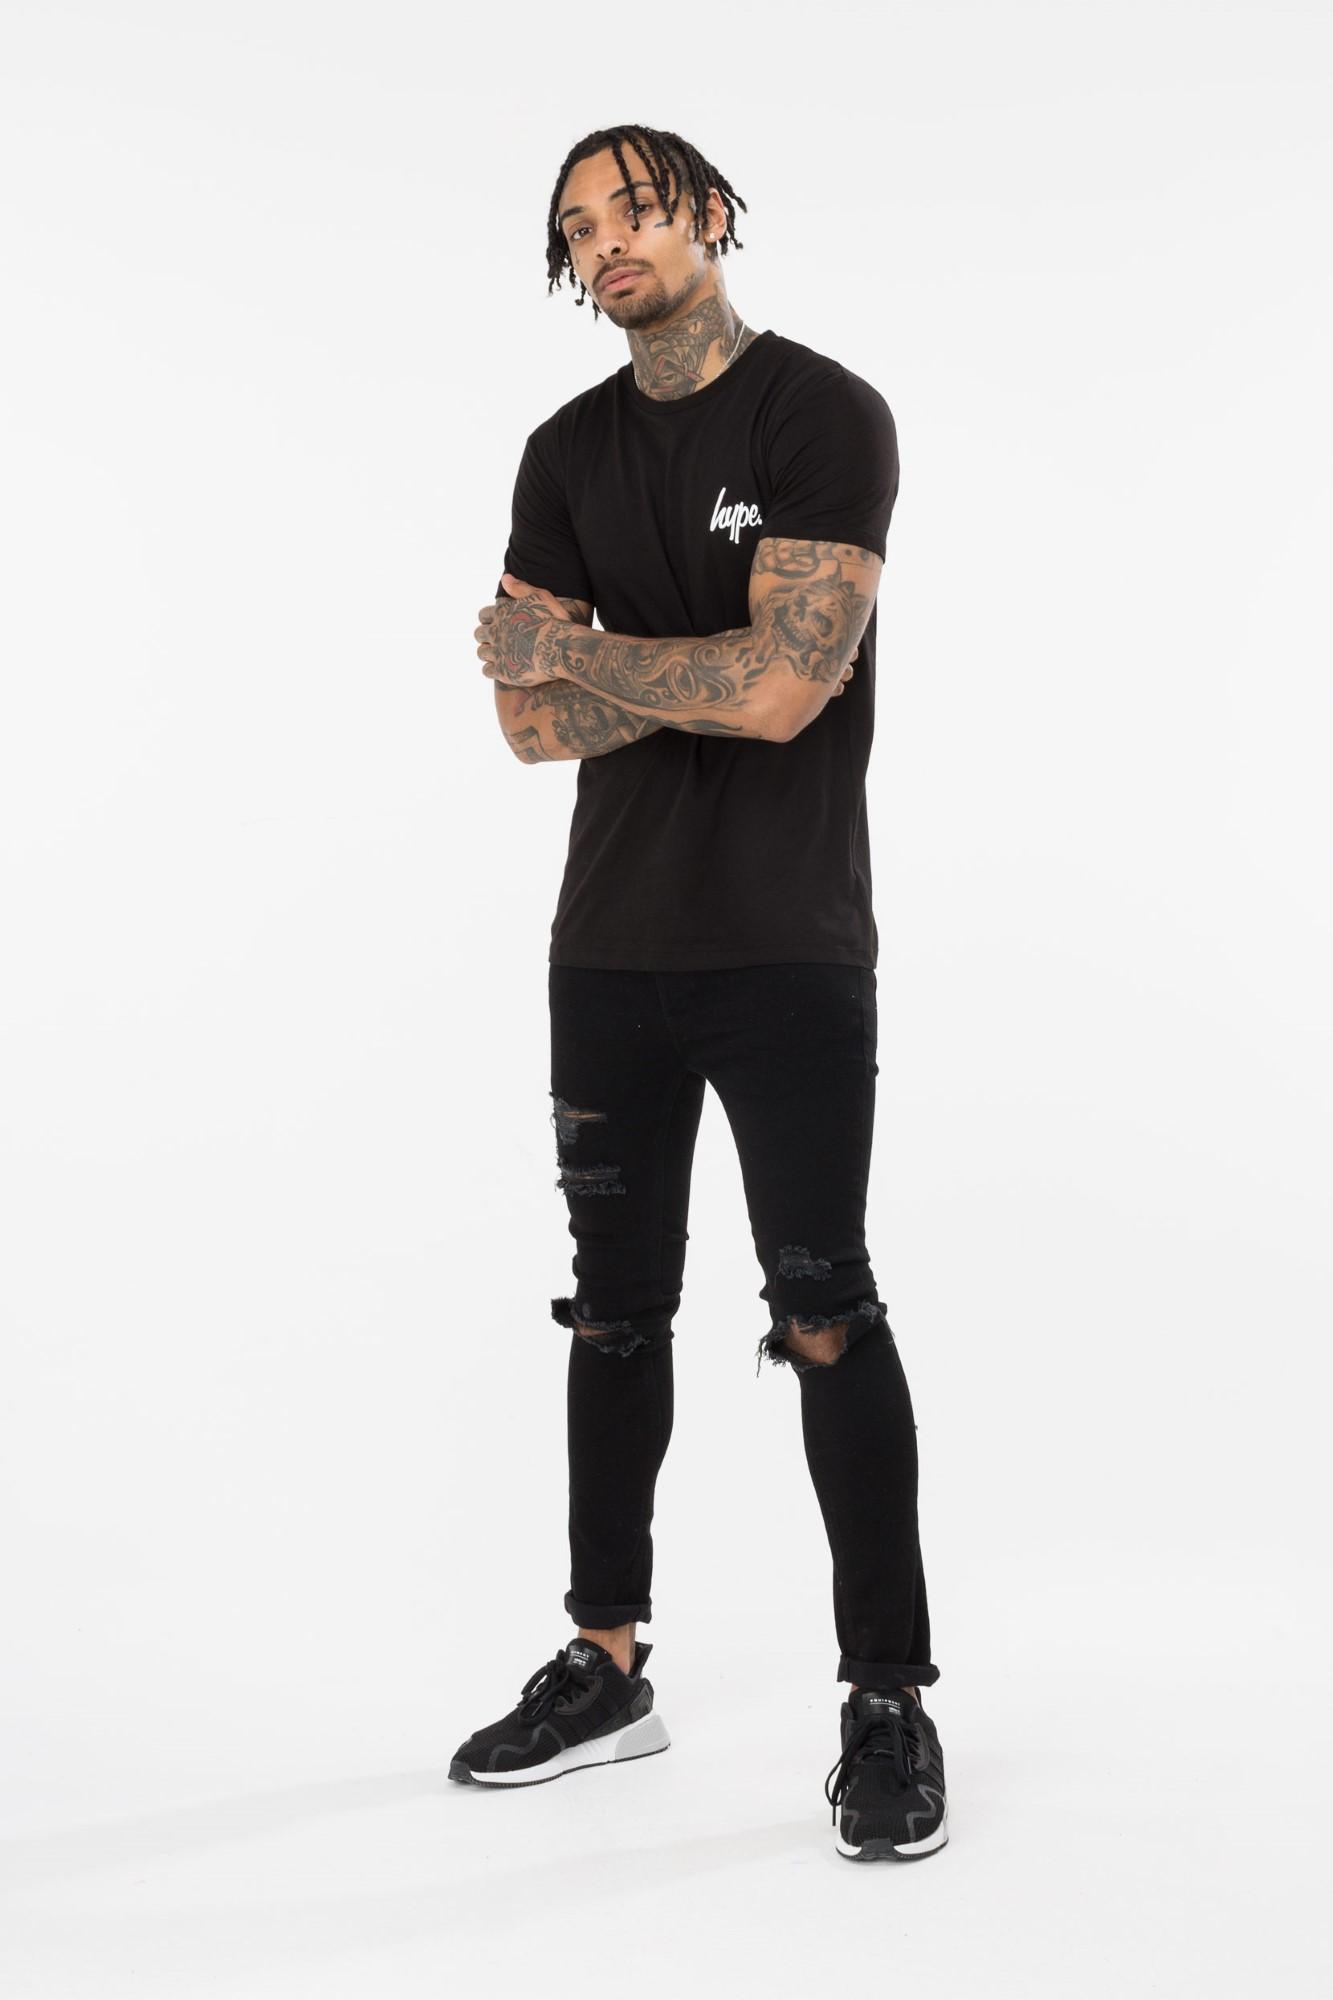 Hype Back Crest Men'S T-Shirt Black L